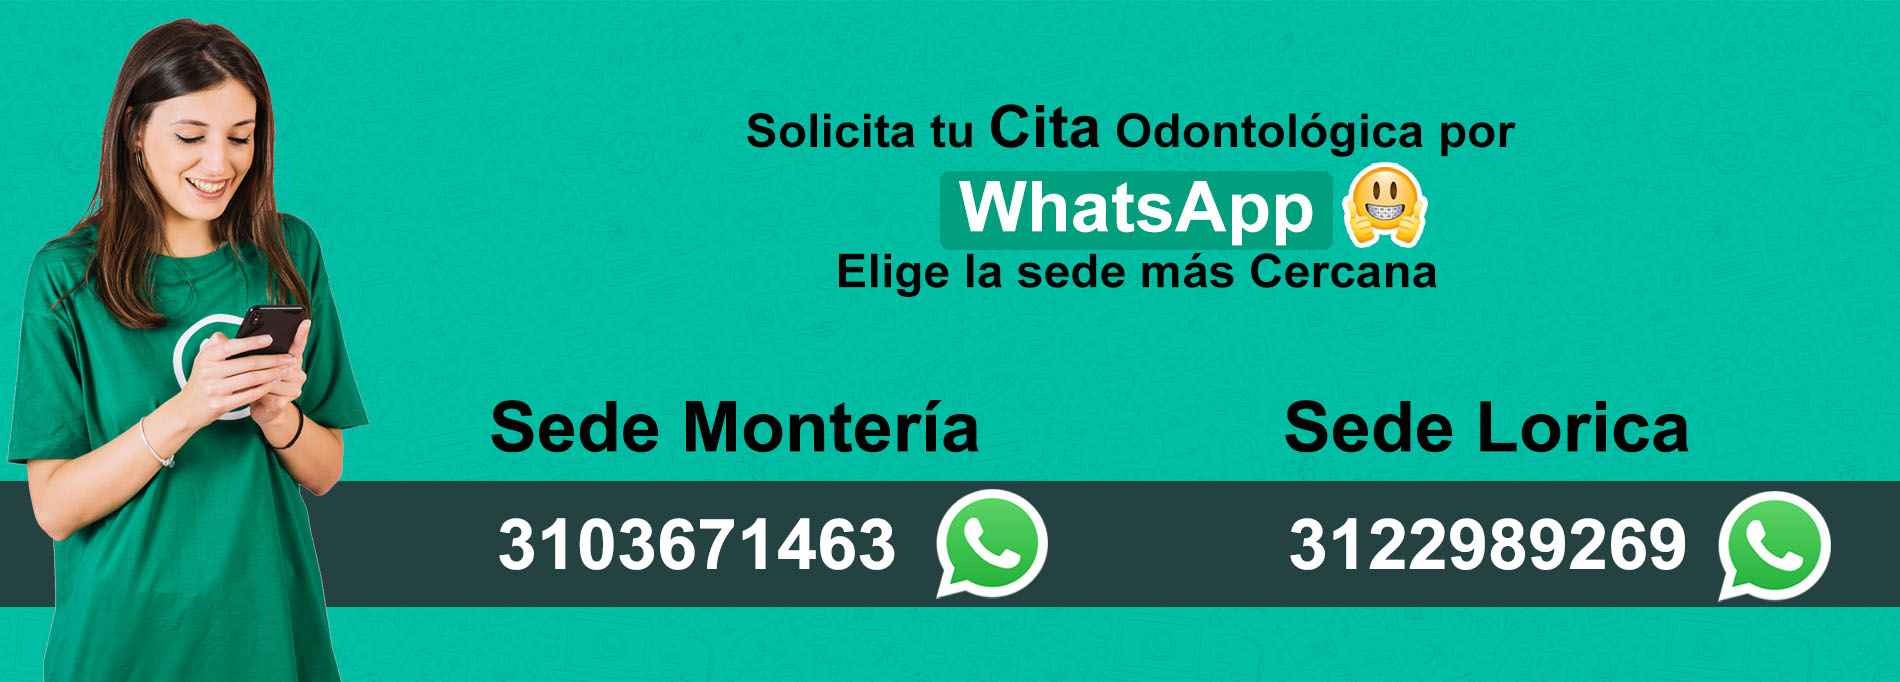 publicidad whatsapp pagina web